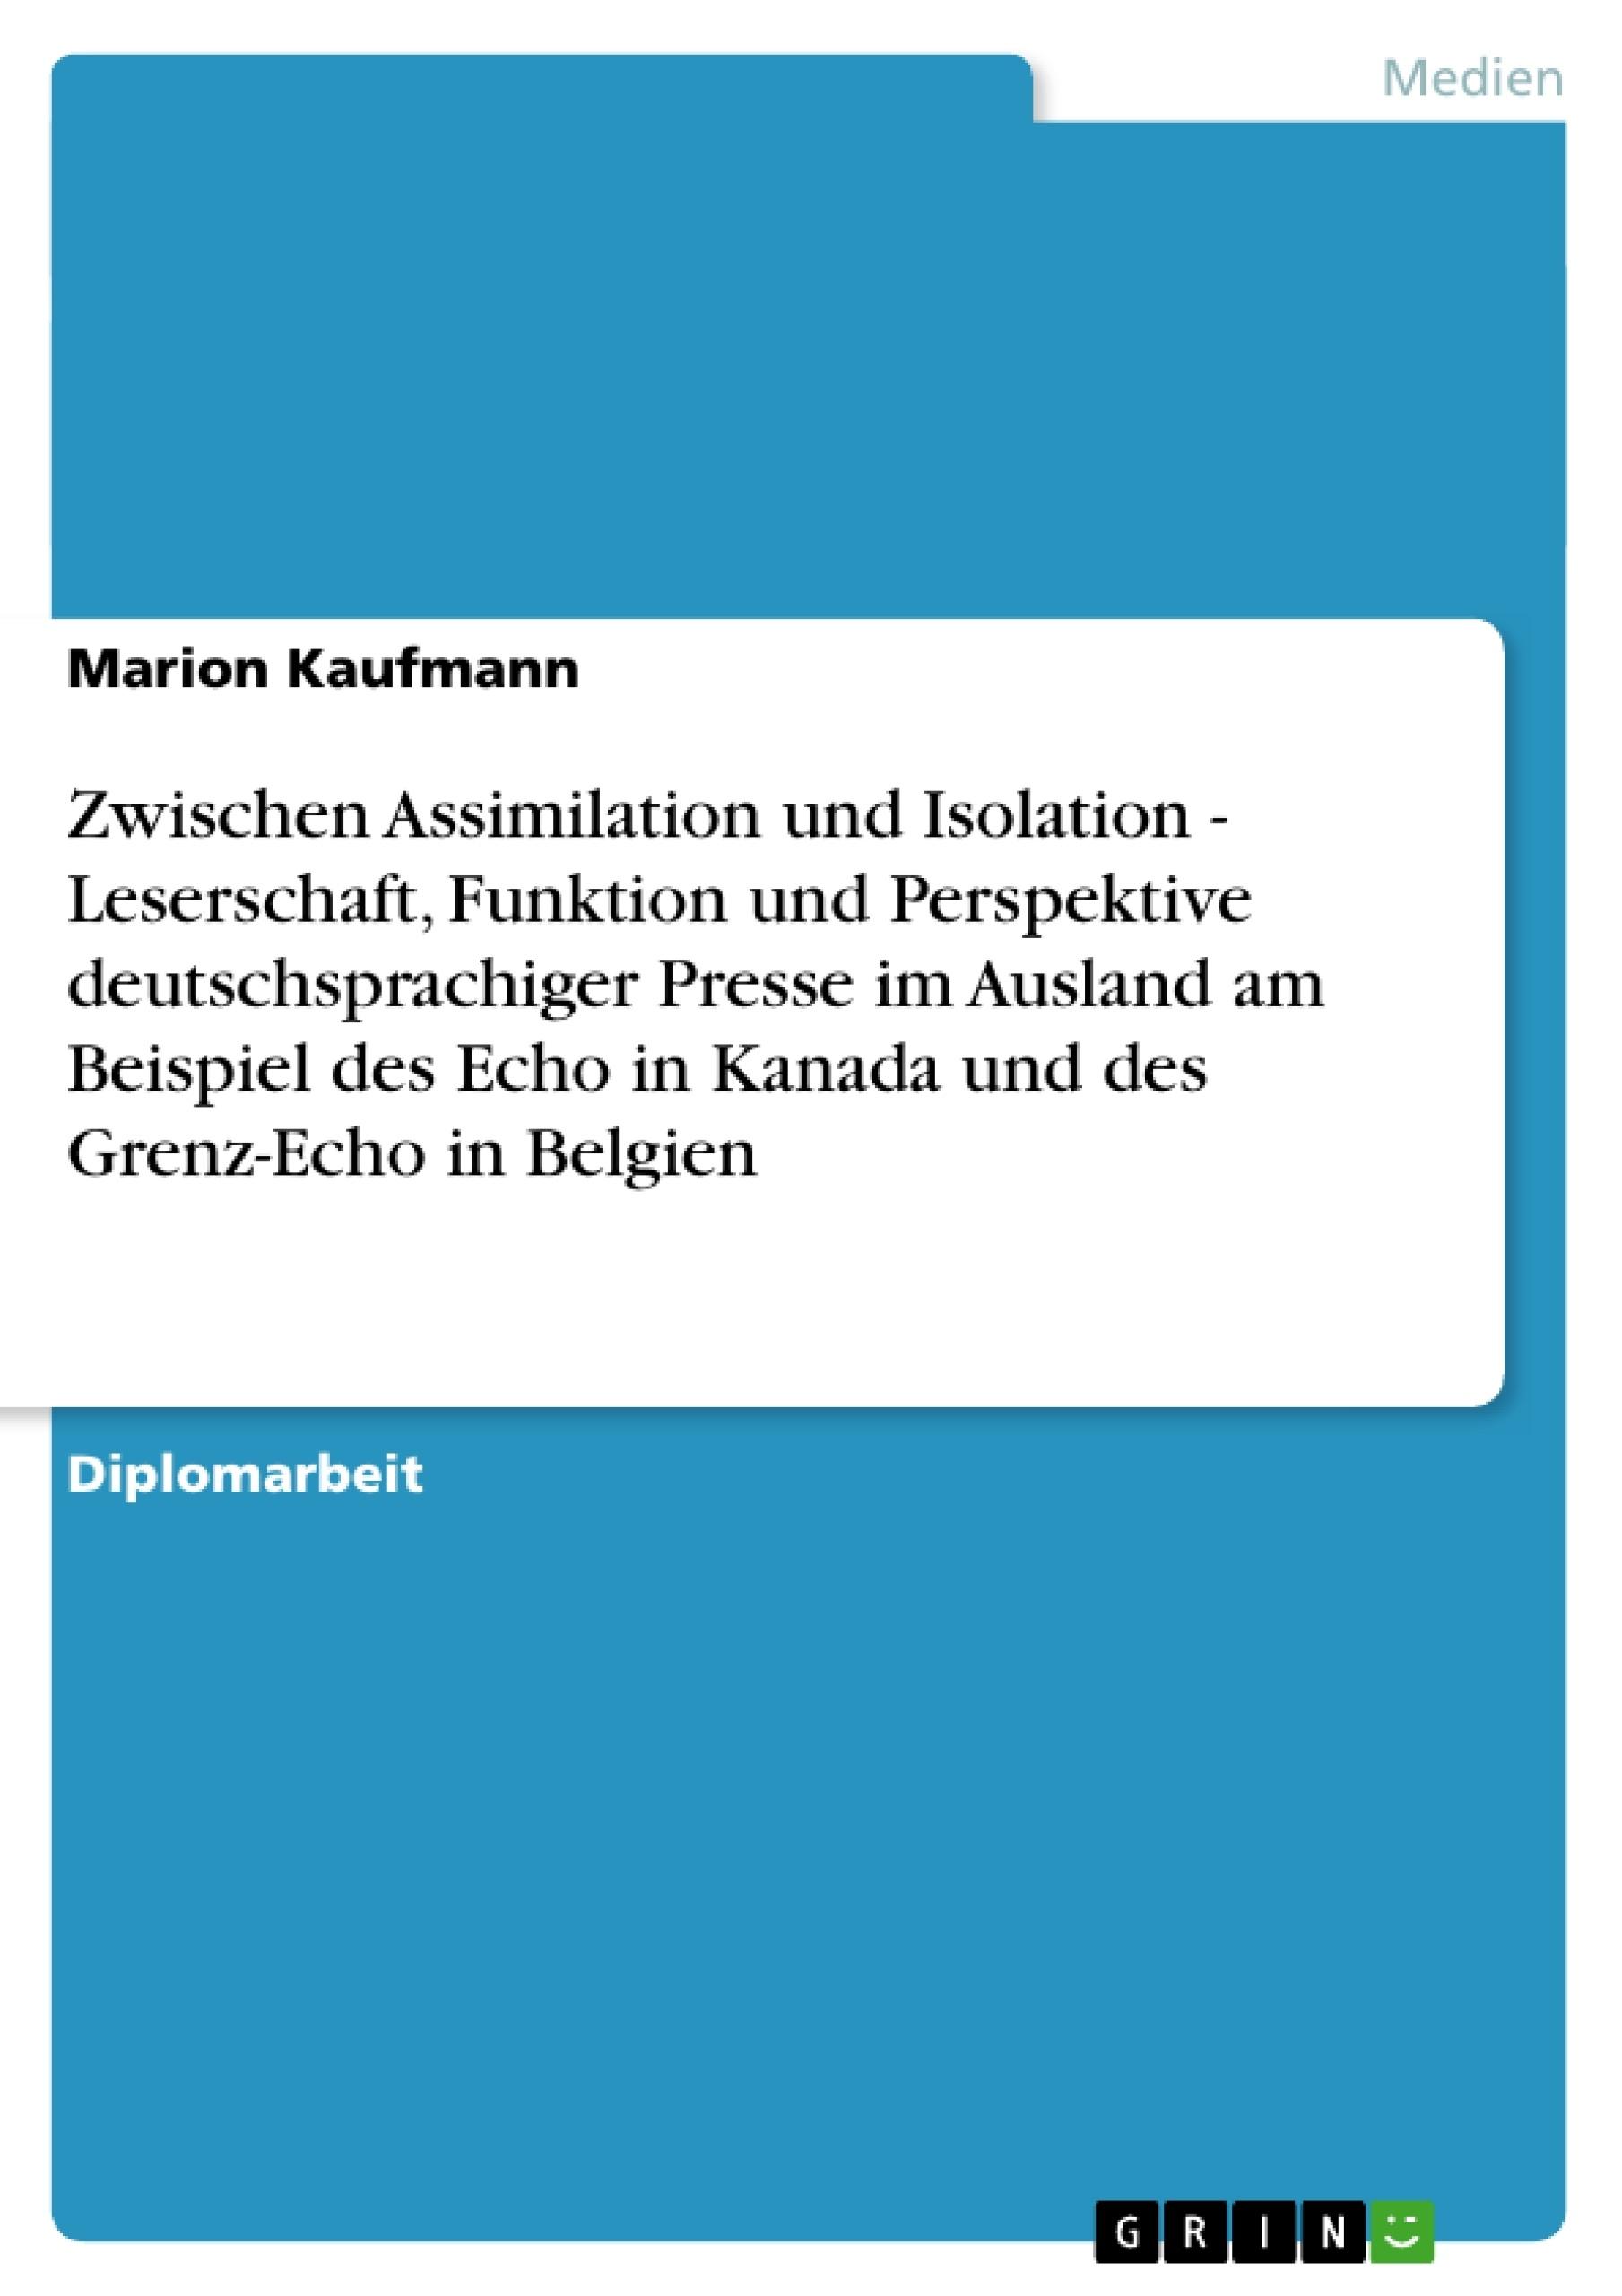 Titel: Zwischen Assimilation und Isolation - Leserschaft, Funktion und Perspektive deutschsprachiger Presse im Ausland am Beispiel des Echo in Kanada und des Grenz-Echo in Belgien